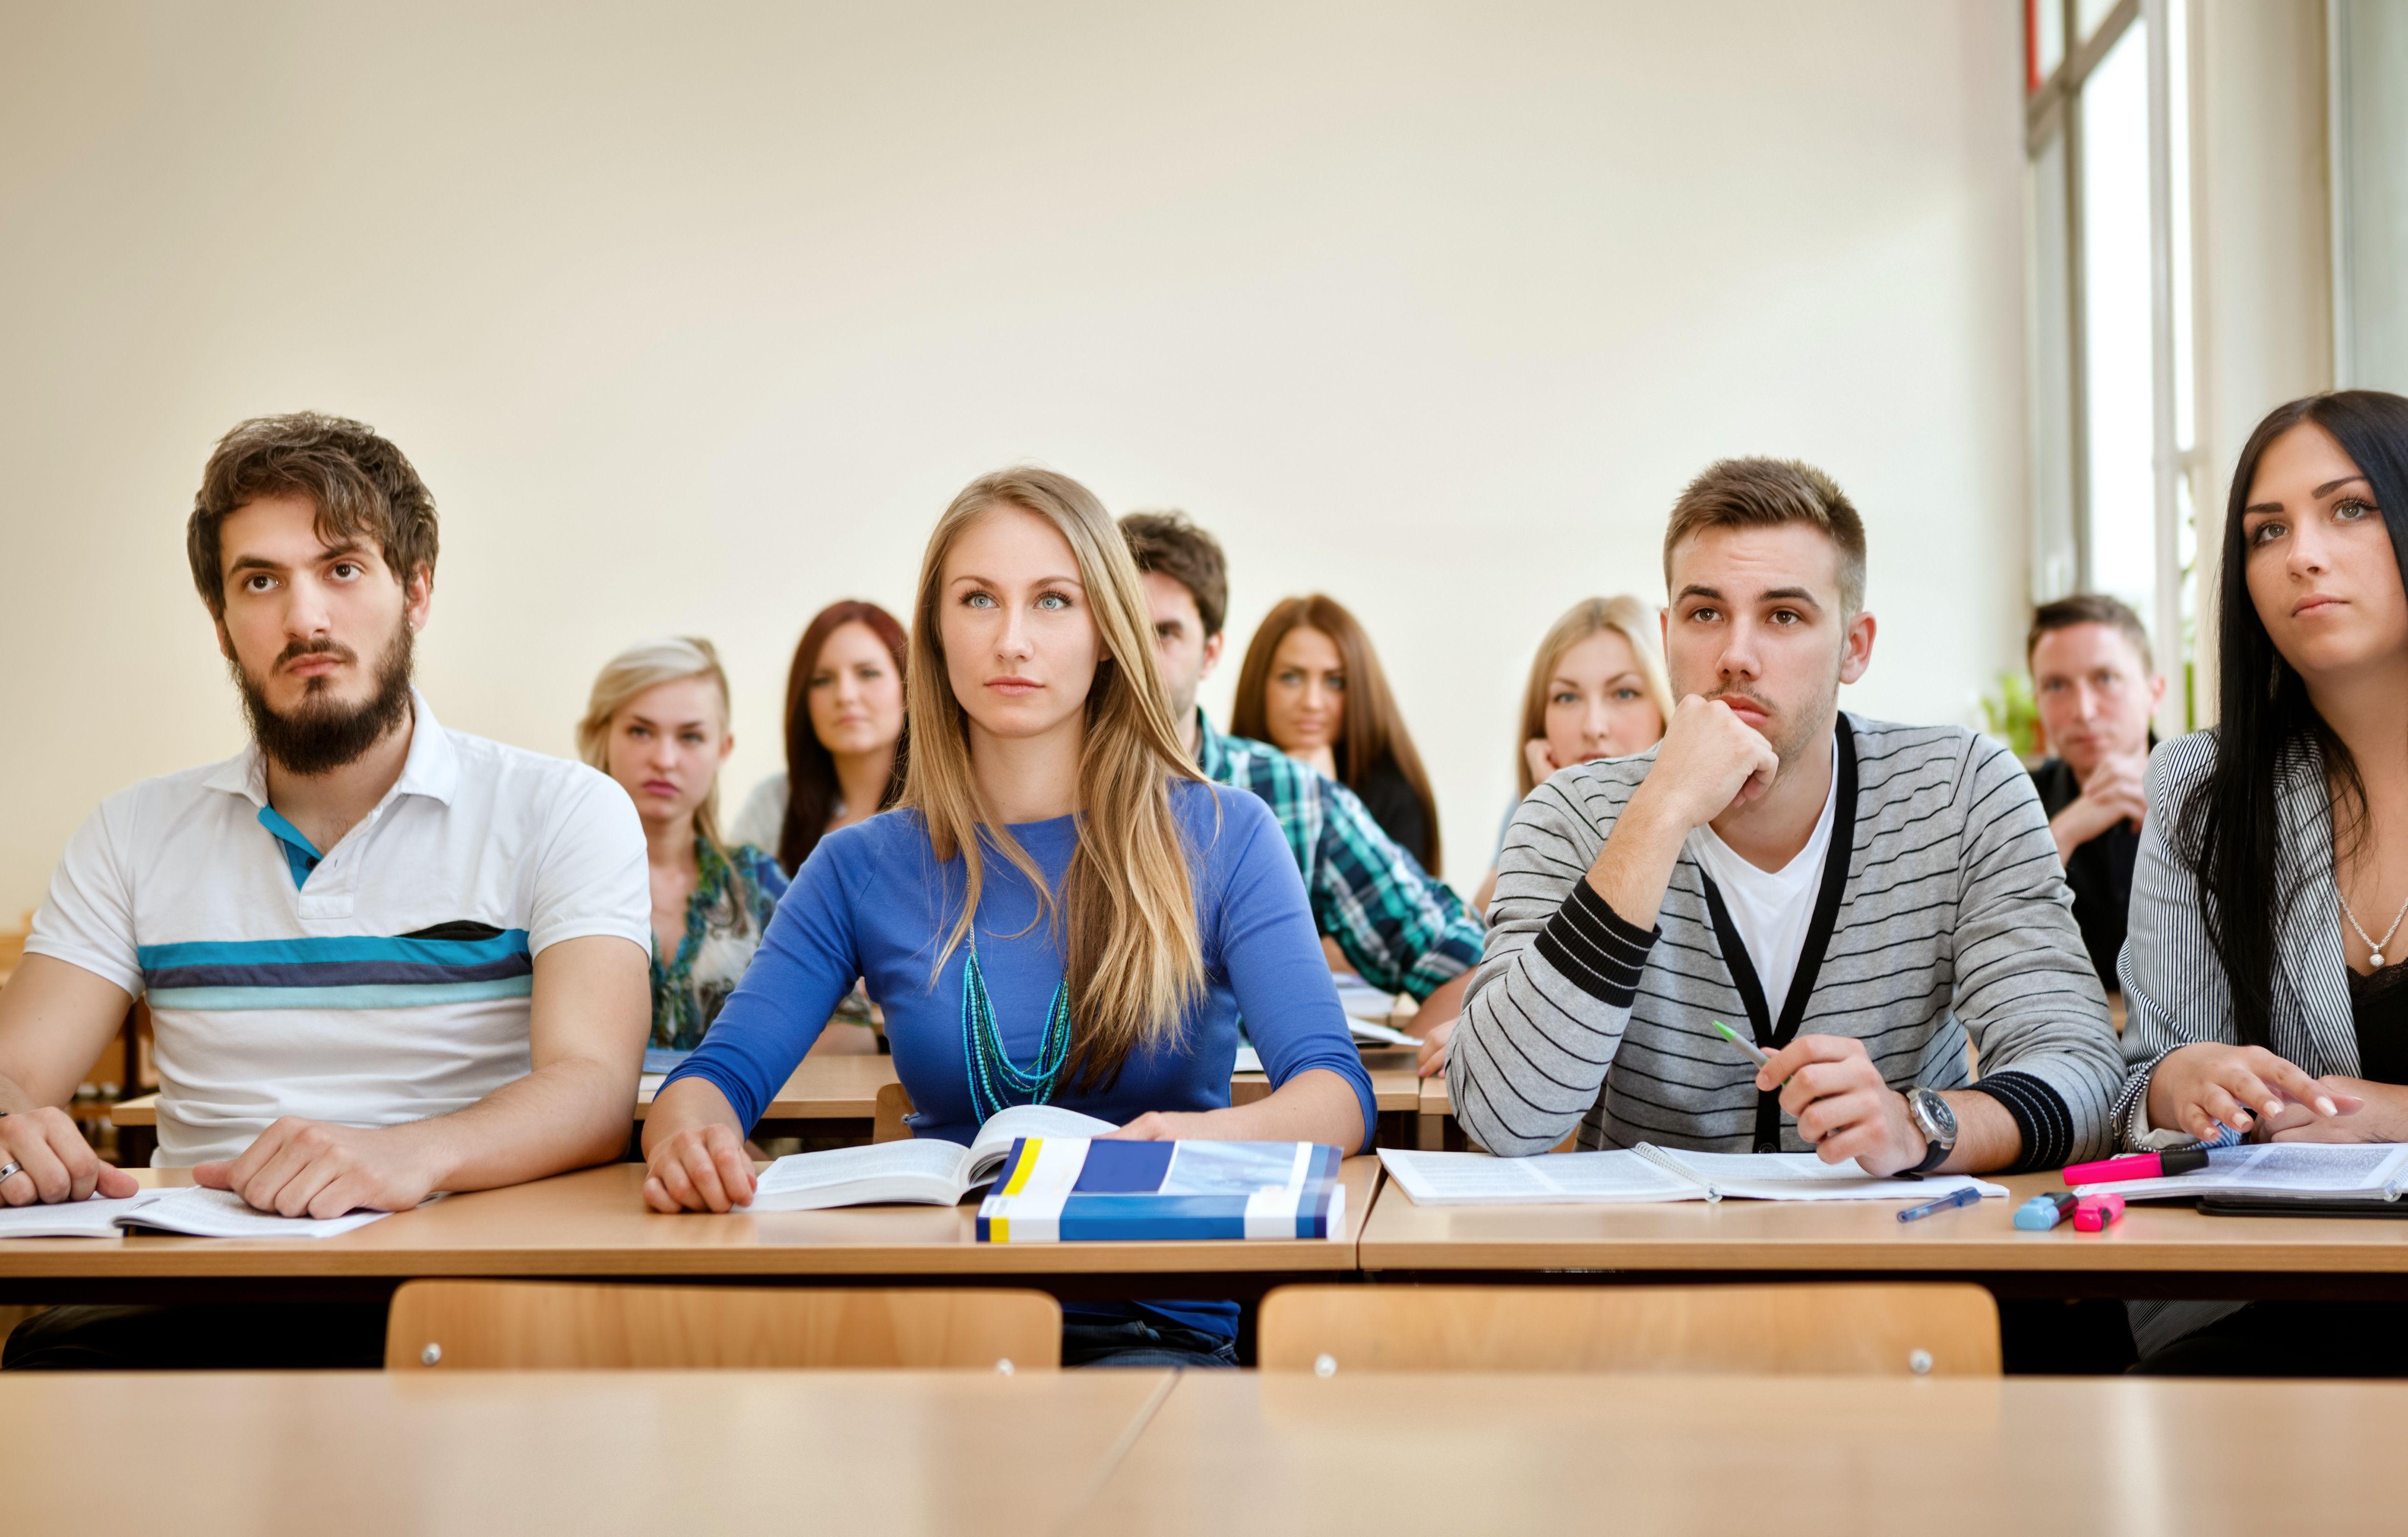 Wykonawcy dziesięciu zbadanych zadań inwestycyjnych, prowadzonych przez skontrolowane uczelnie, zostali wybrani zgodnie z obowiązującymi procedurami. (fot. Shutterstock)